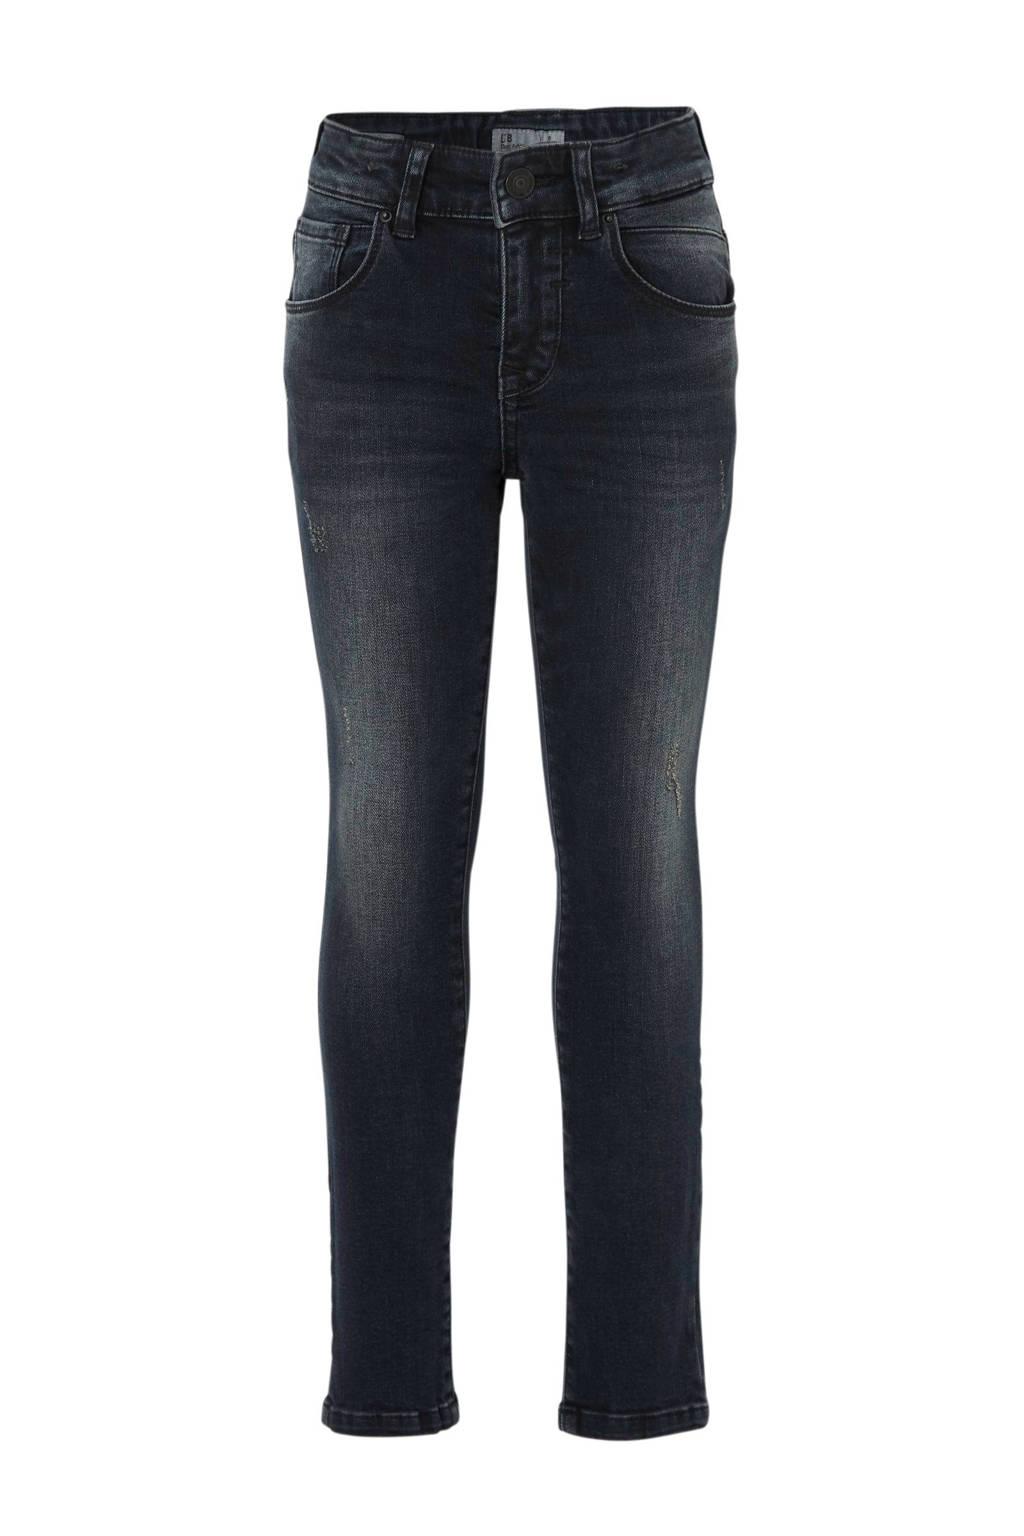 LTB slim fit jeans Rafiel donkerblauw, Donkerblauw (Jisen wash)